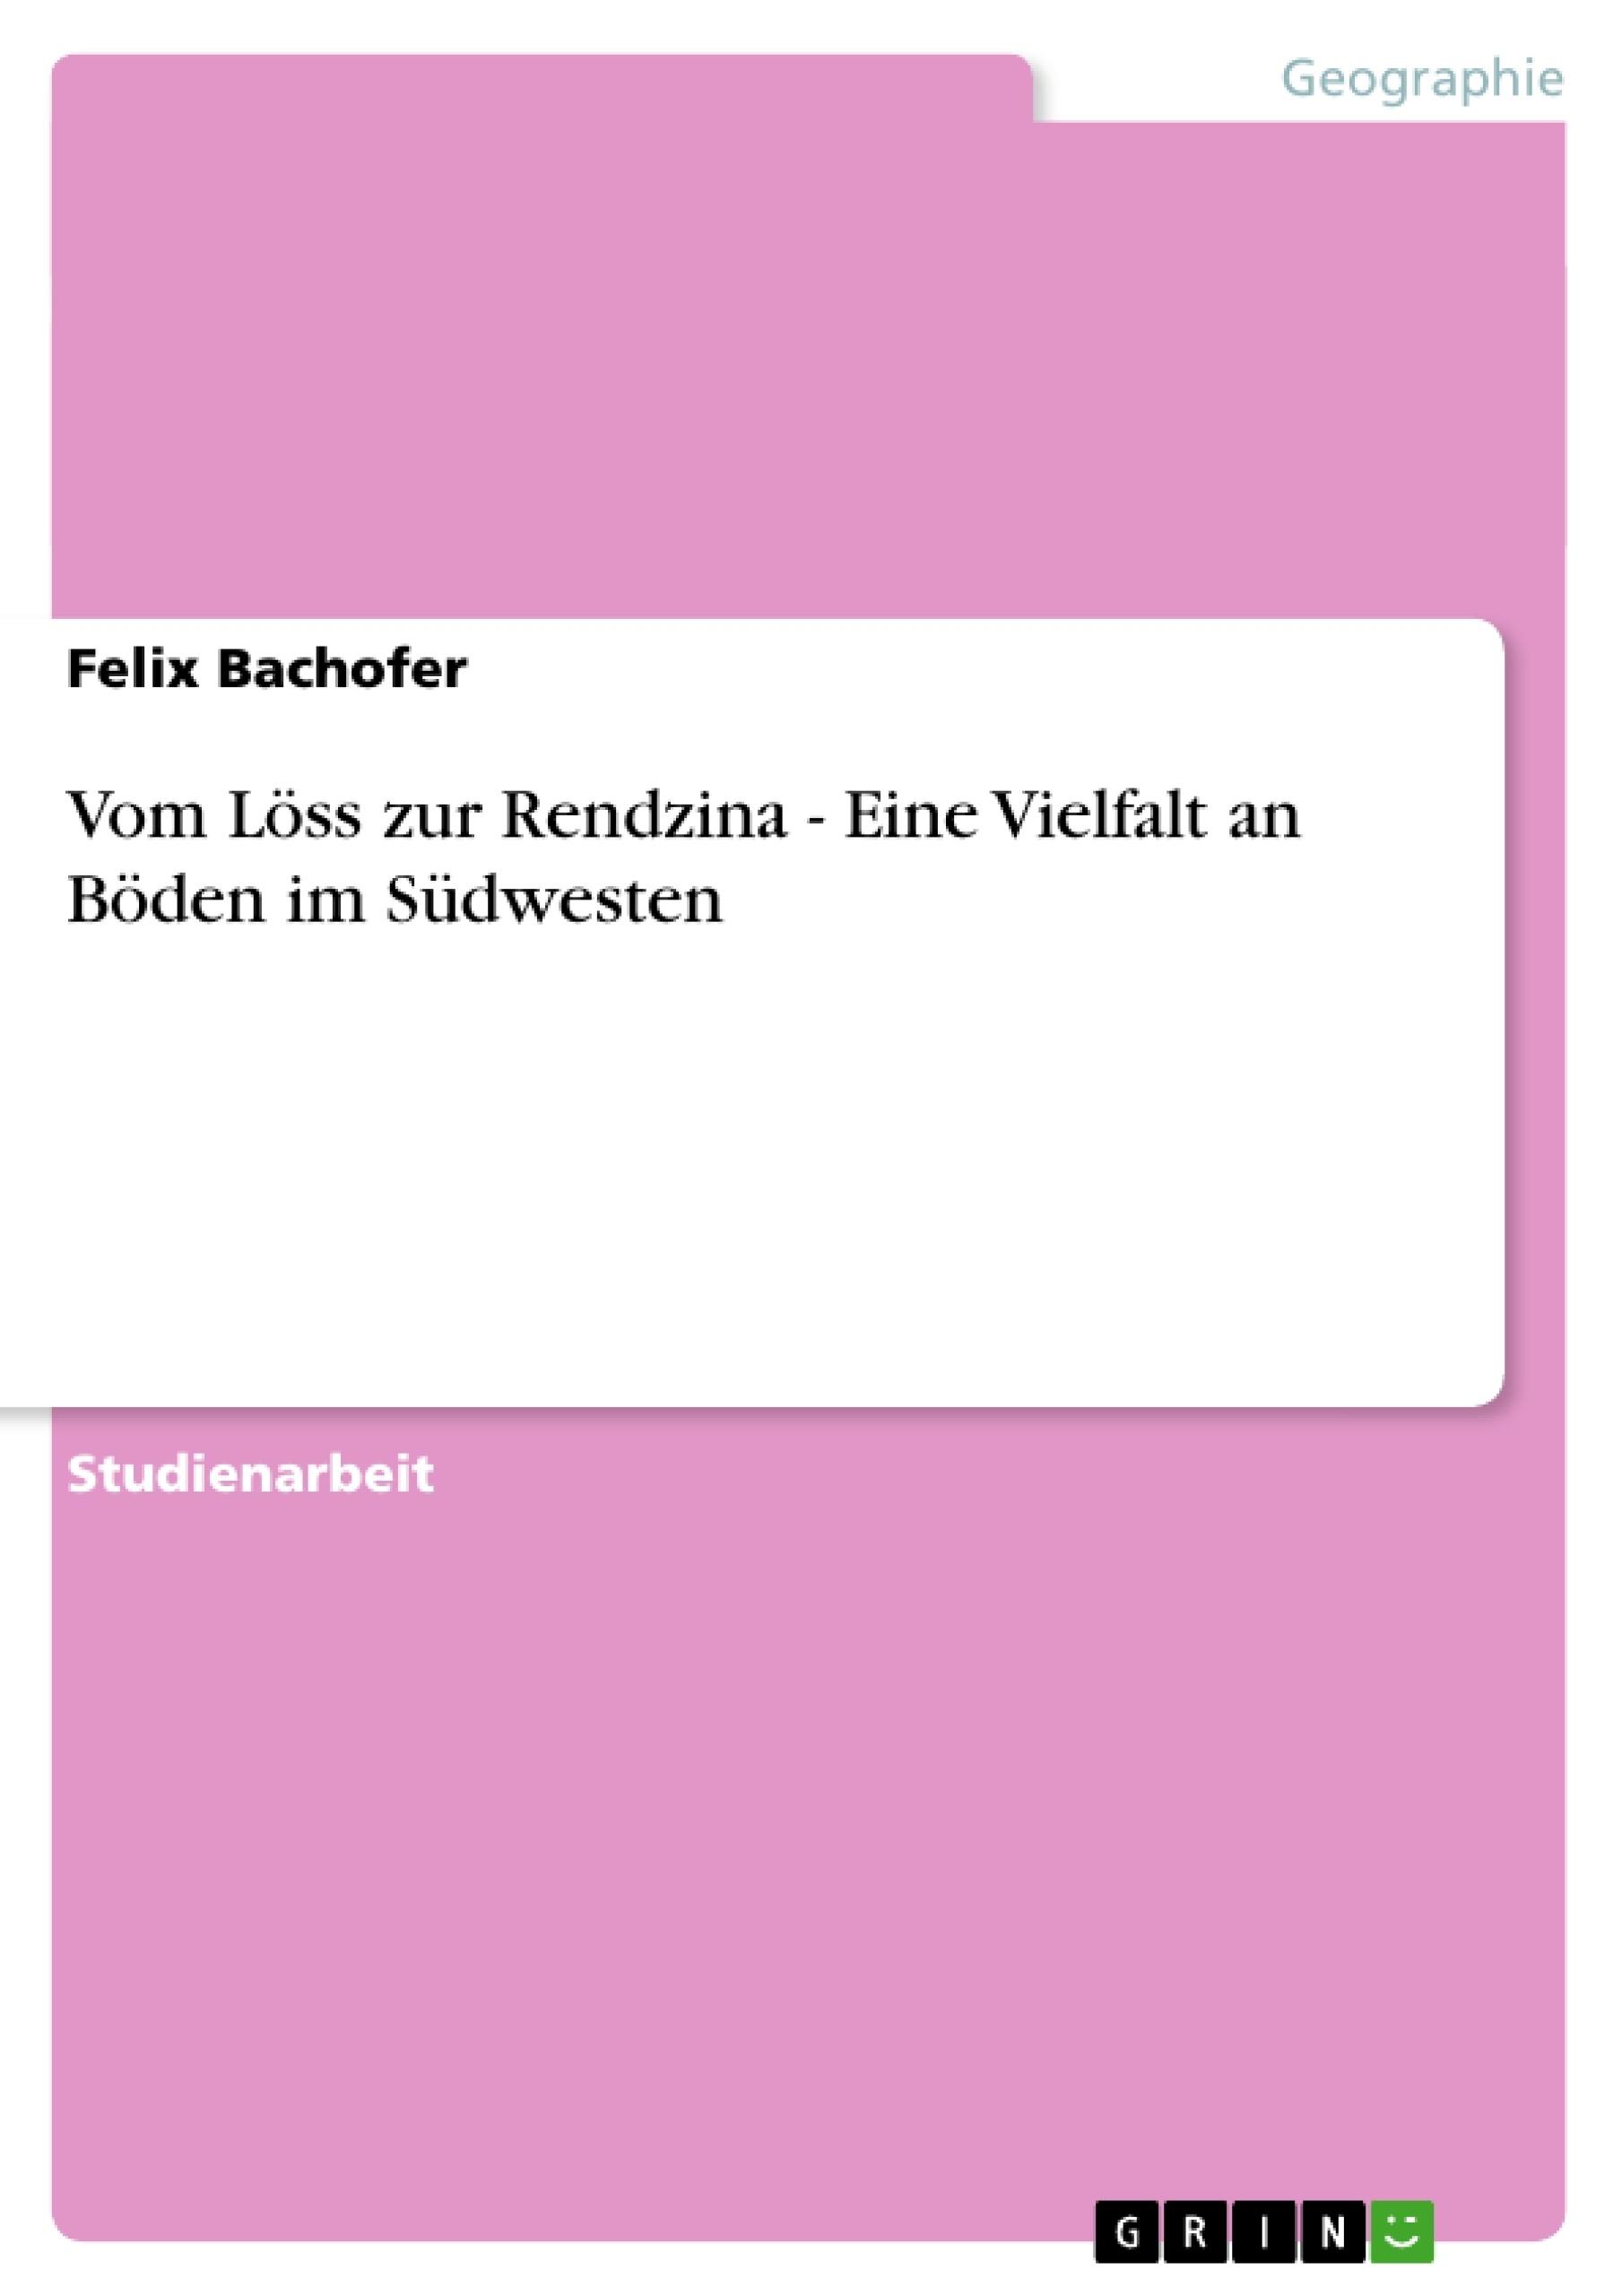 Titel: Vom Löss zur Rendzina - Eine Vielfalt an Böden im Südwesten